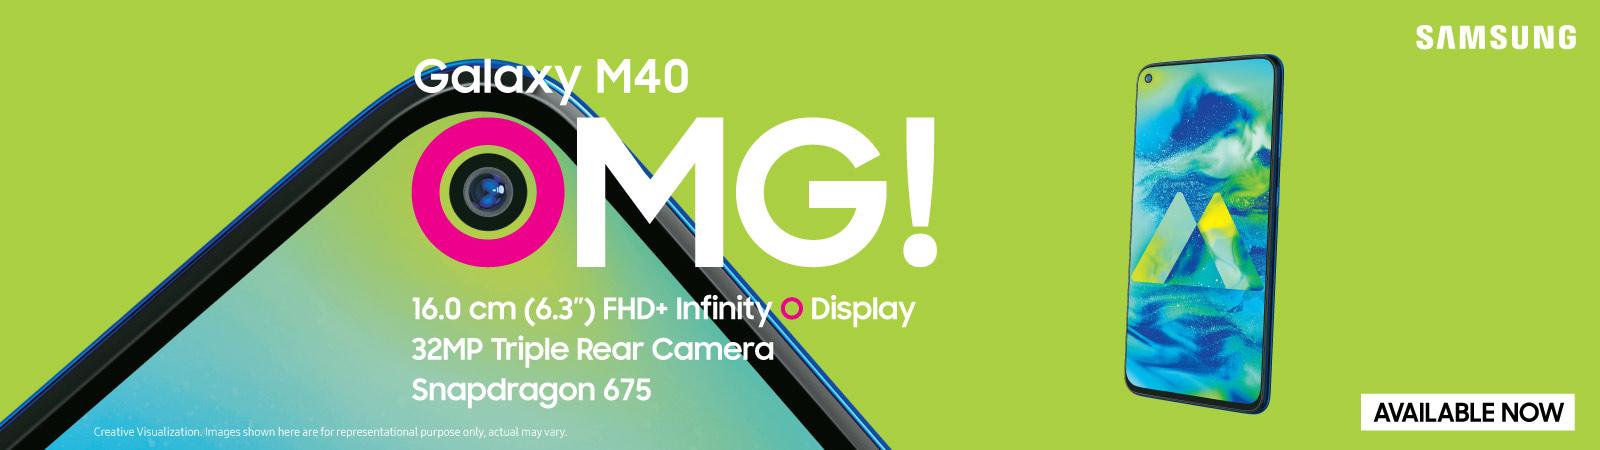 samsung-M40-1600x450